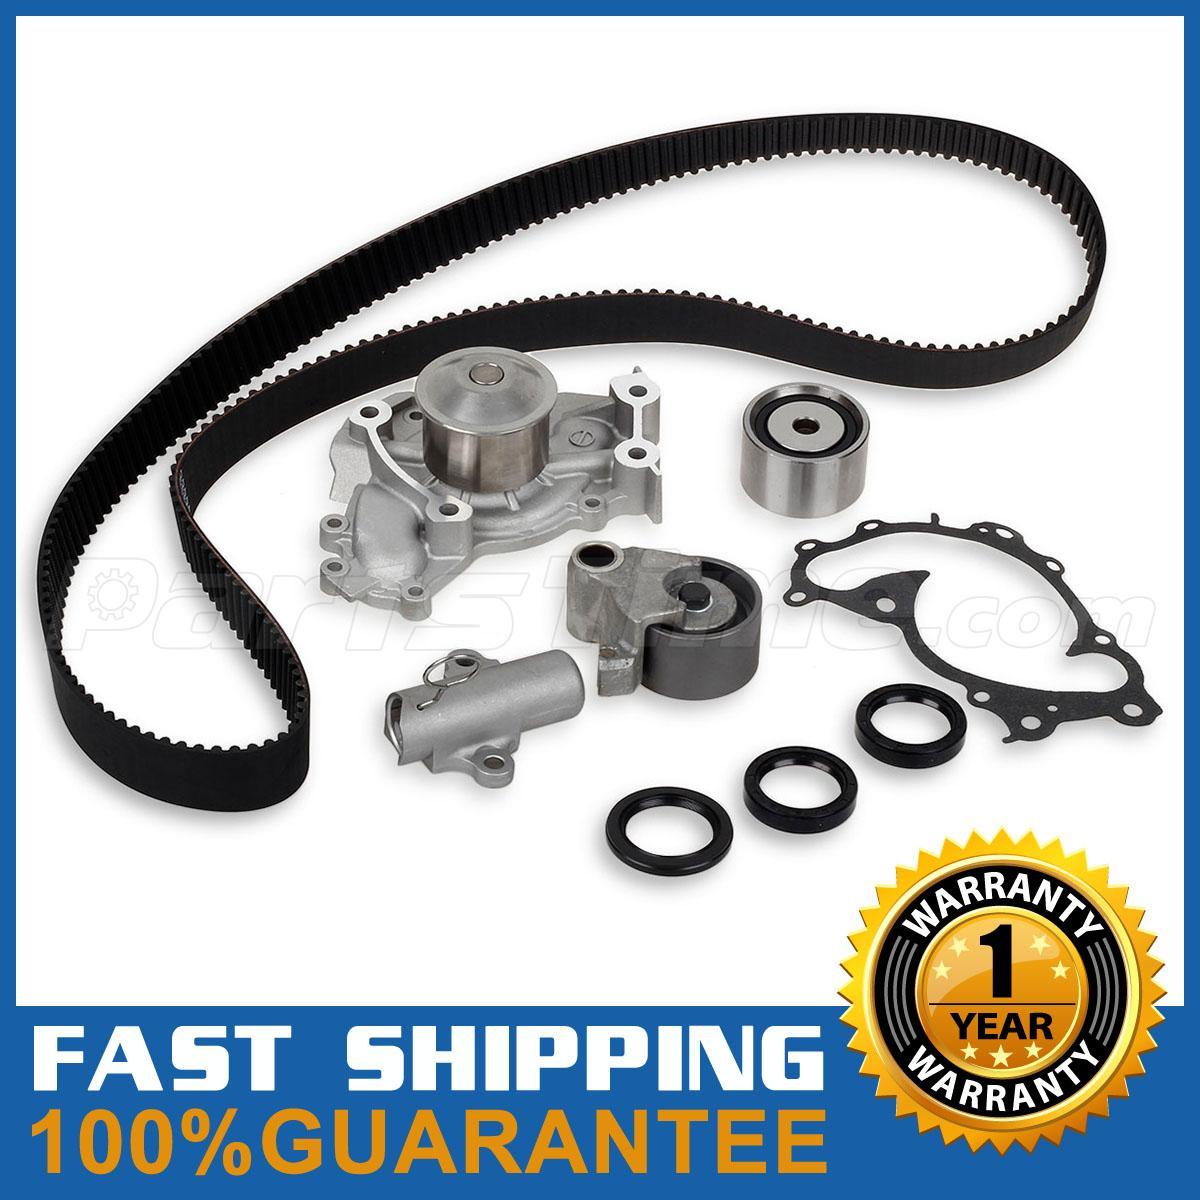 engine timing belt water pump kit for lexus es300 toyota camry 1mzfe ebay. Black Bedroom Furniture Sets. Home Design Ideas